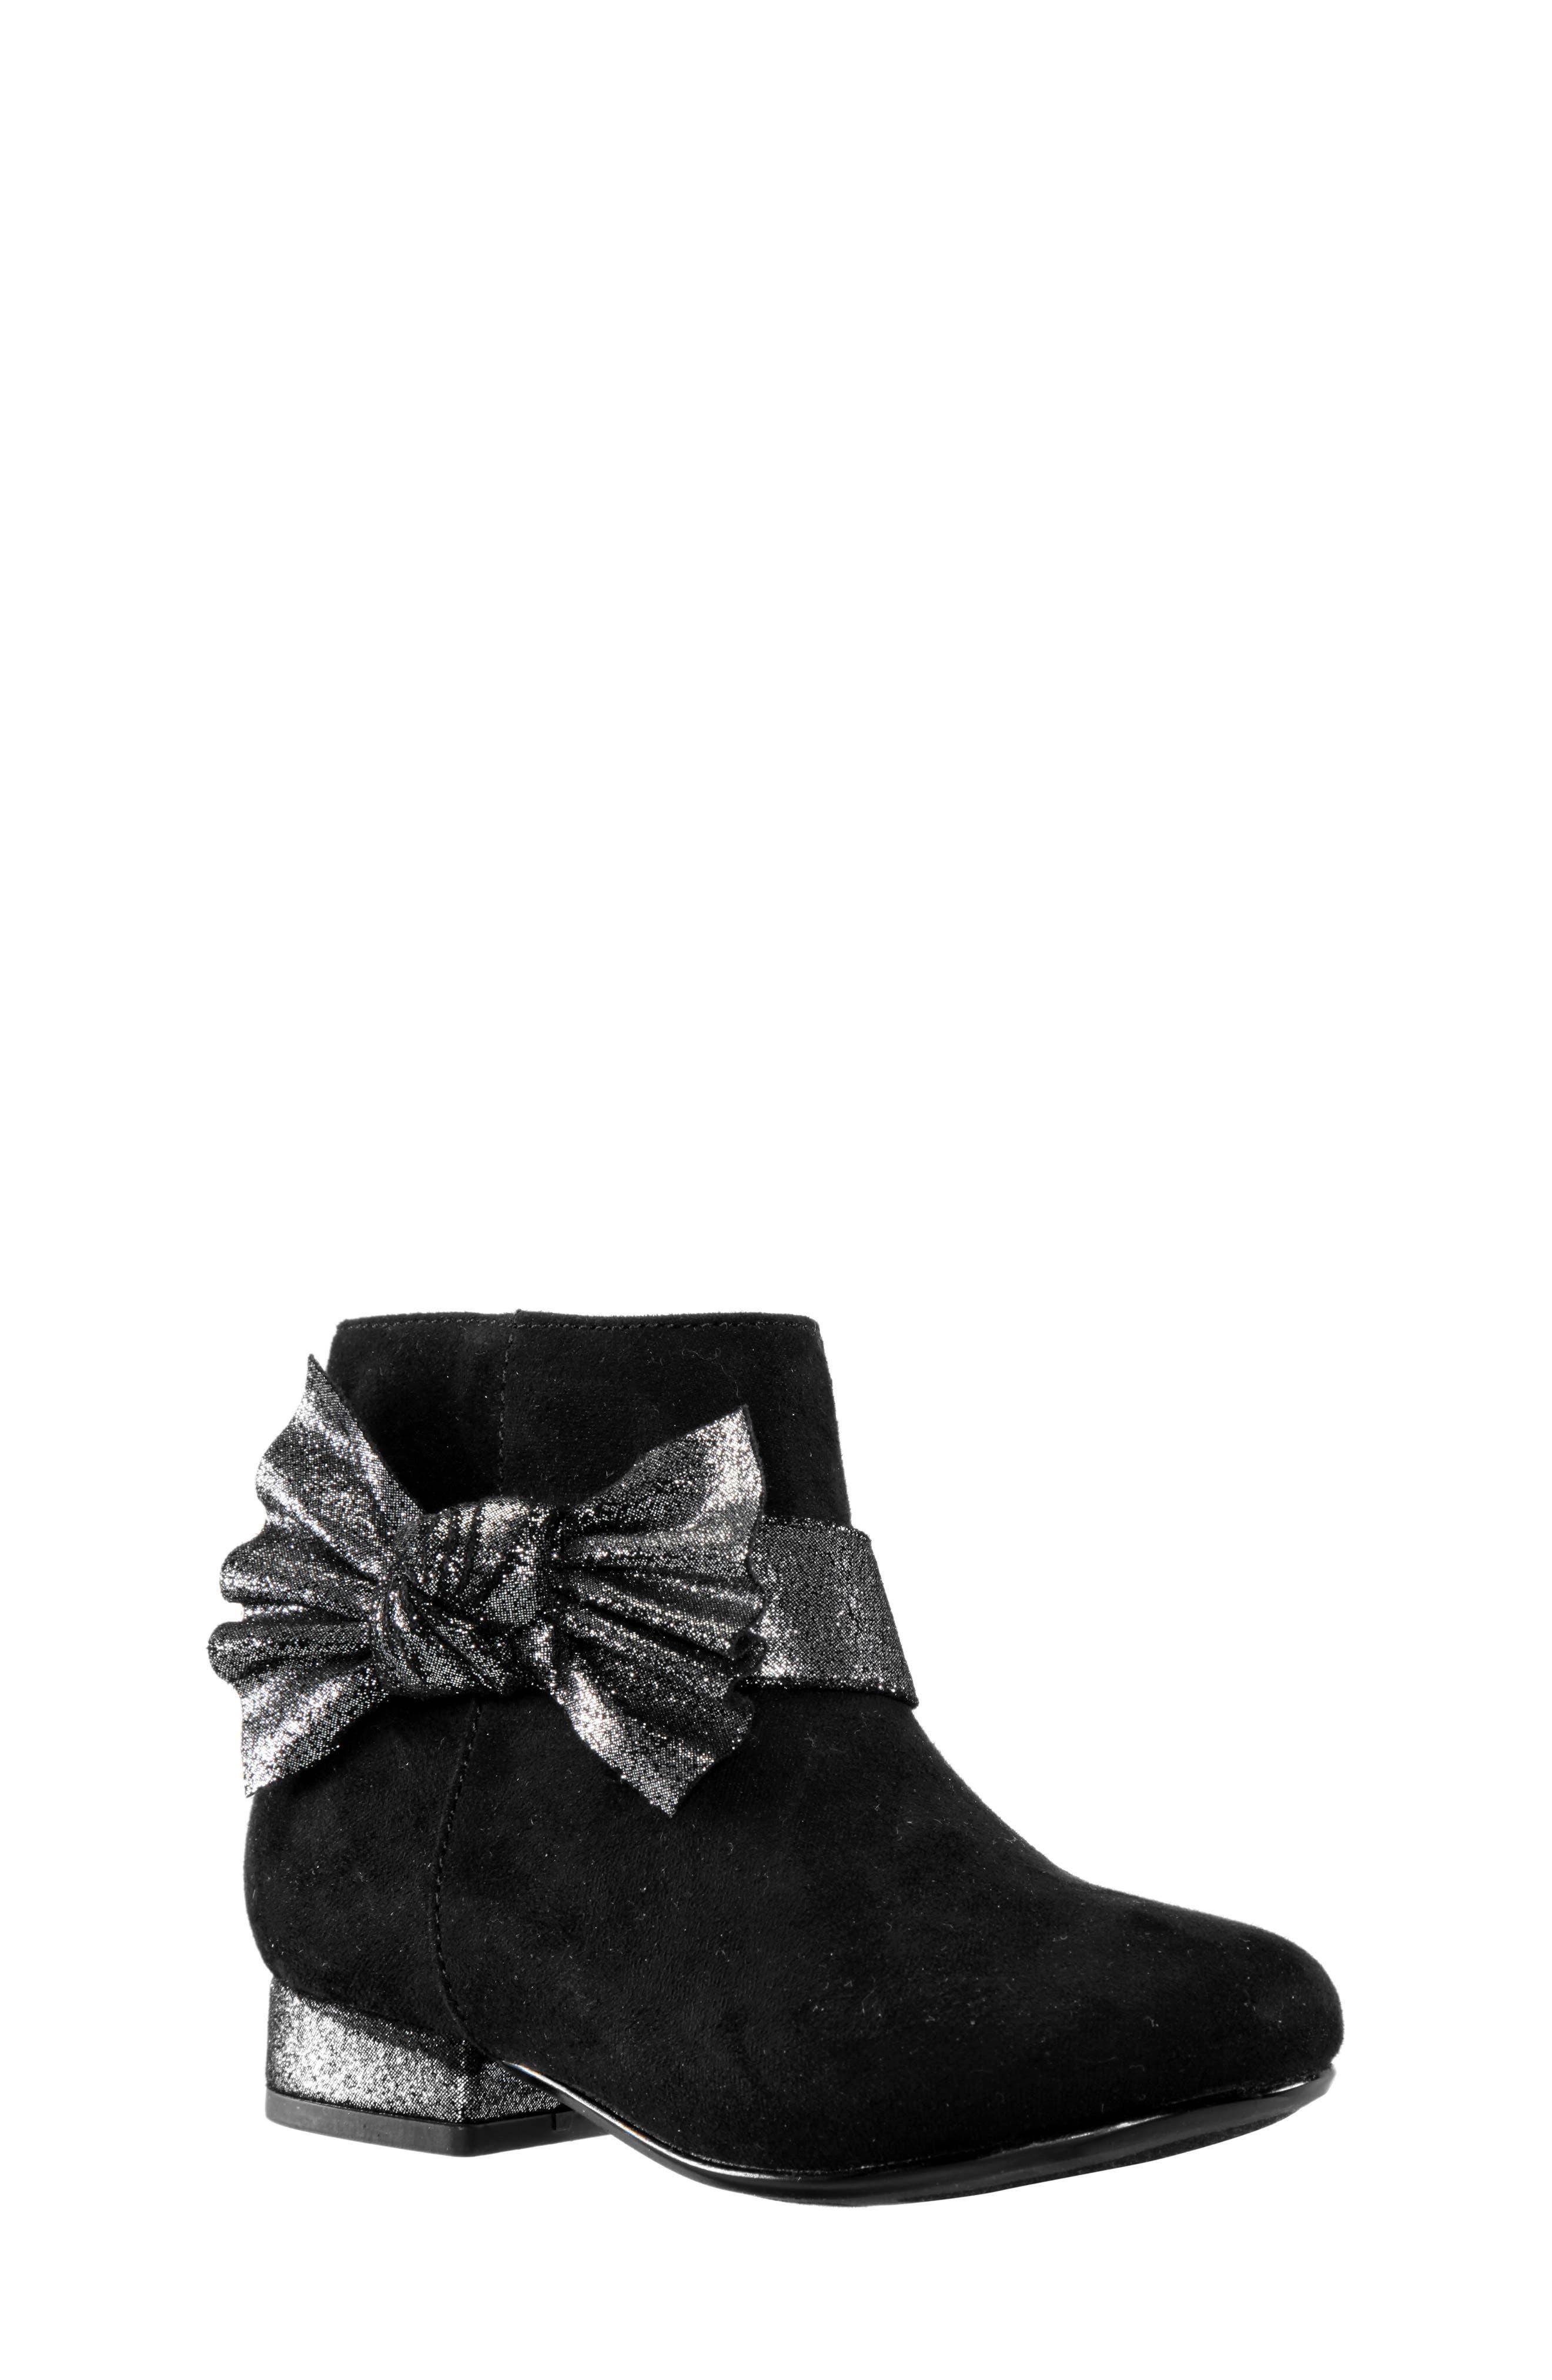 Toddler Girls Nina OrsulaT Metallic Bow Bootie Size 7 M  Black